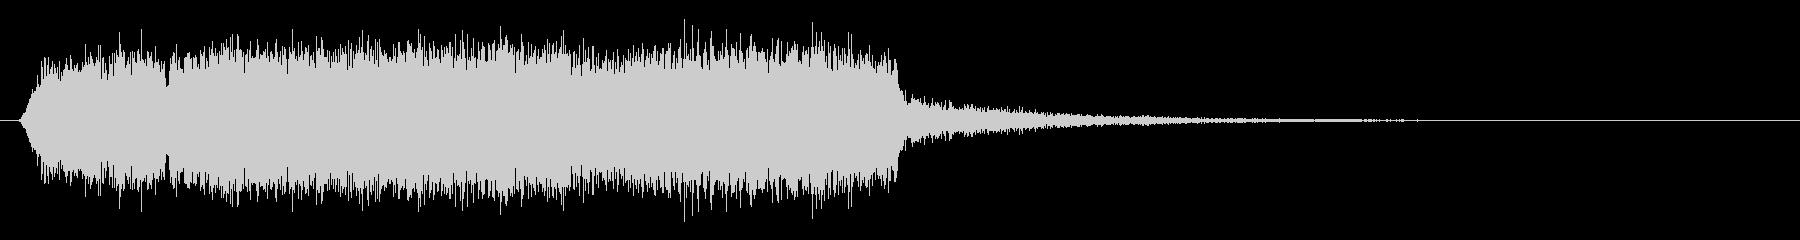 モンスターの鳴き声(グギャー2)の未再生の波形